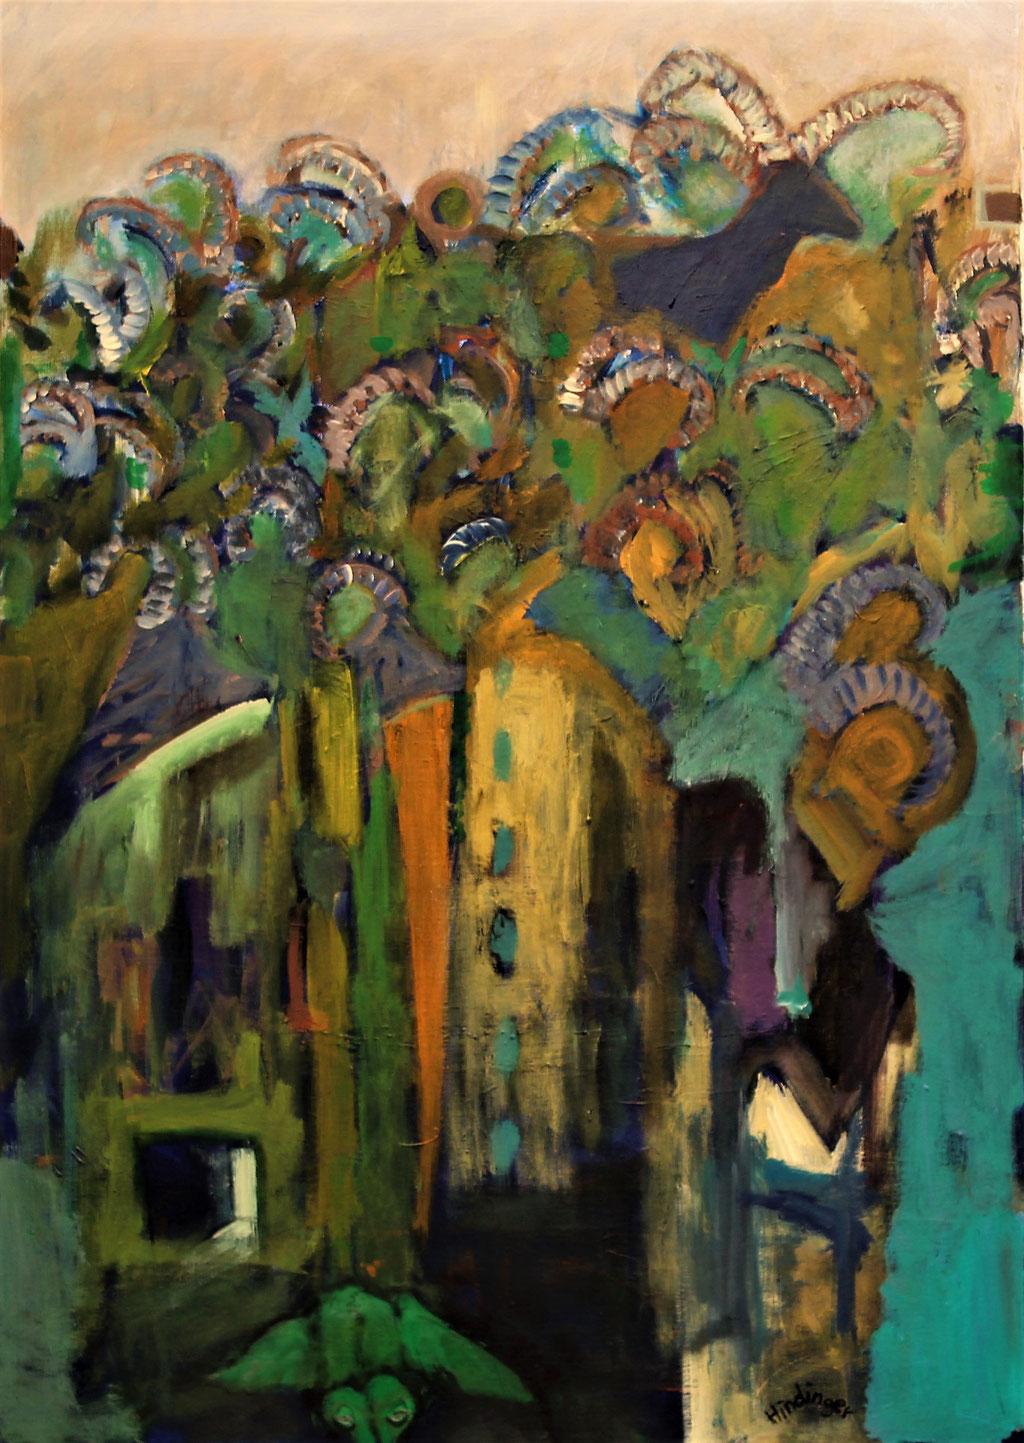 Gämse - 70 x 100 cm, Acryl auf Leinwand